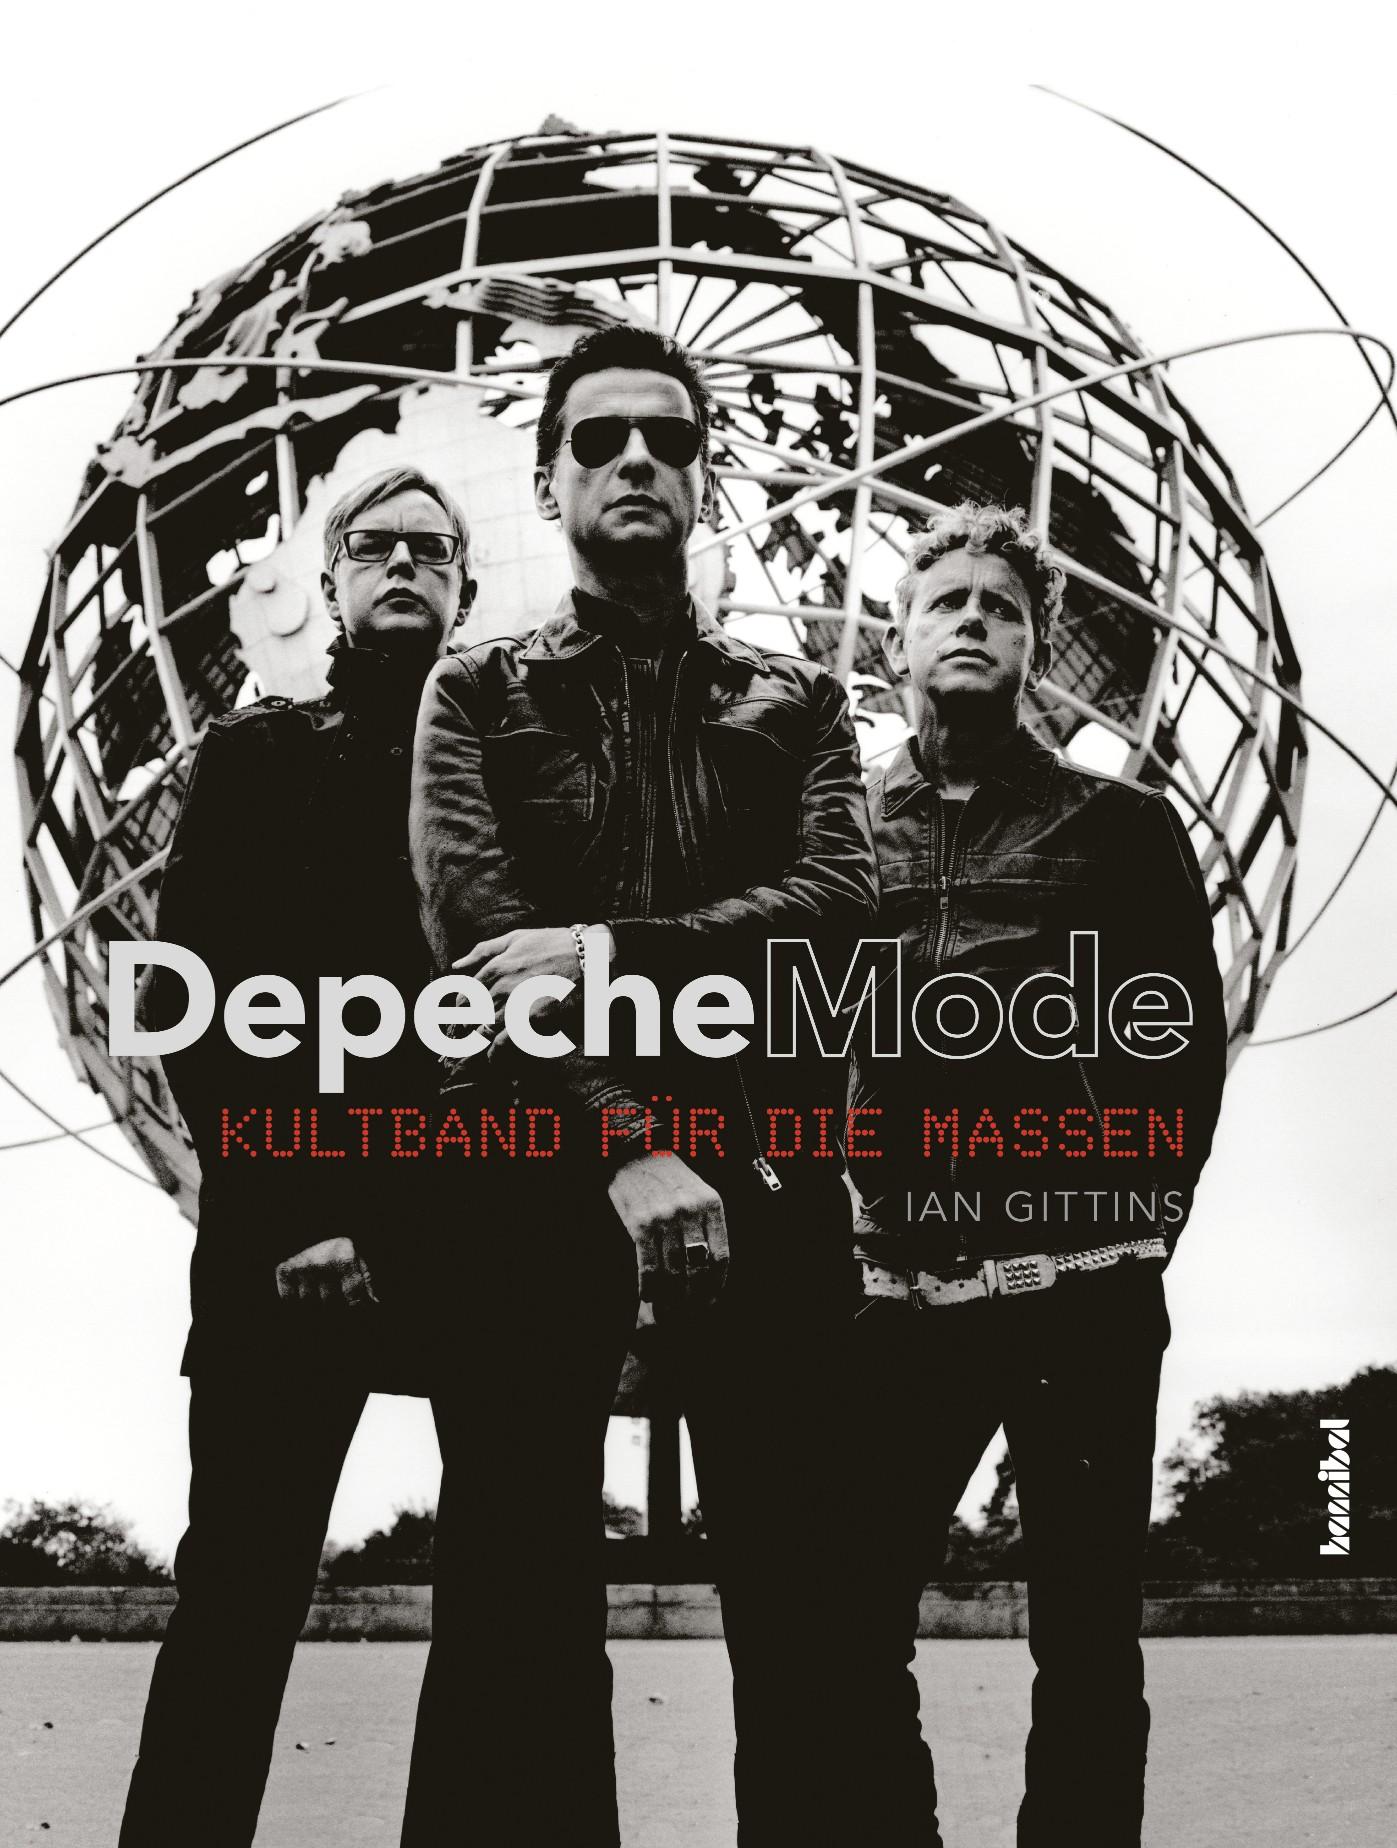 depeche-mode-kultband-fuer-die-massen-buch-rezension